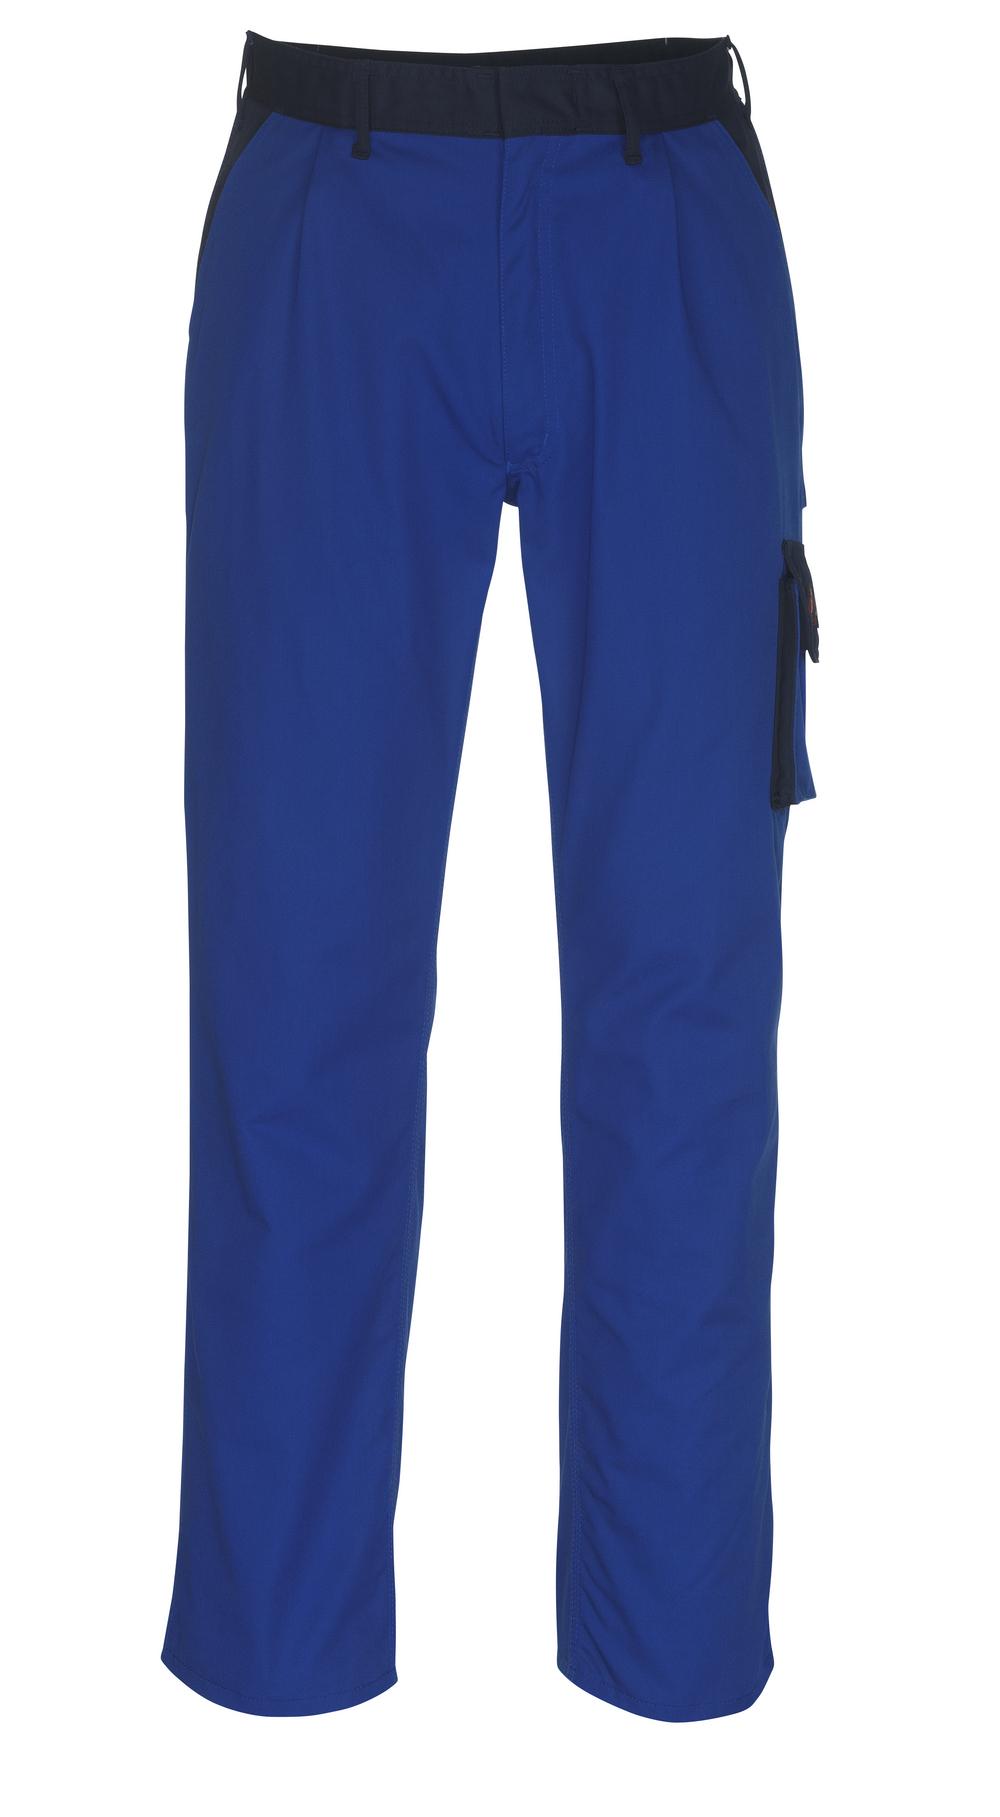 08779-442-1101 Broek met dijbeenzakken - korenblauw/marine